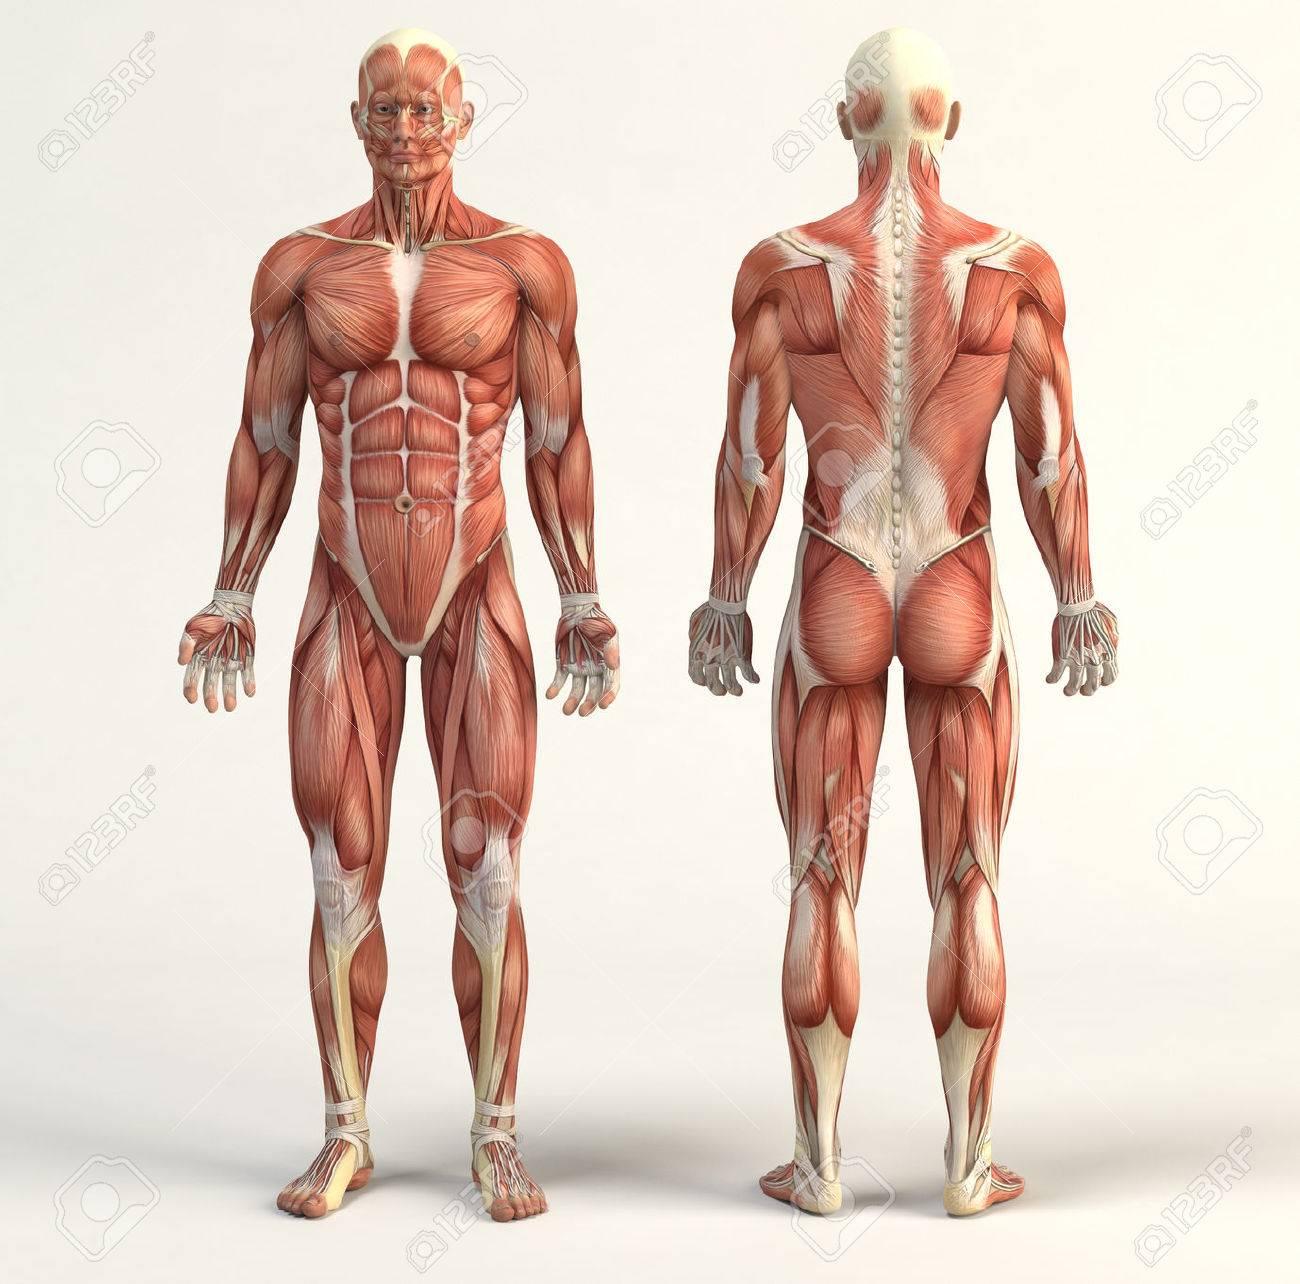 Ilustración Digital Del Sistema Muscular Fotos, Retratos, Imágenes Y ...